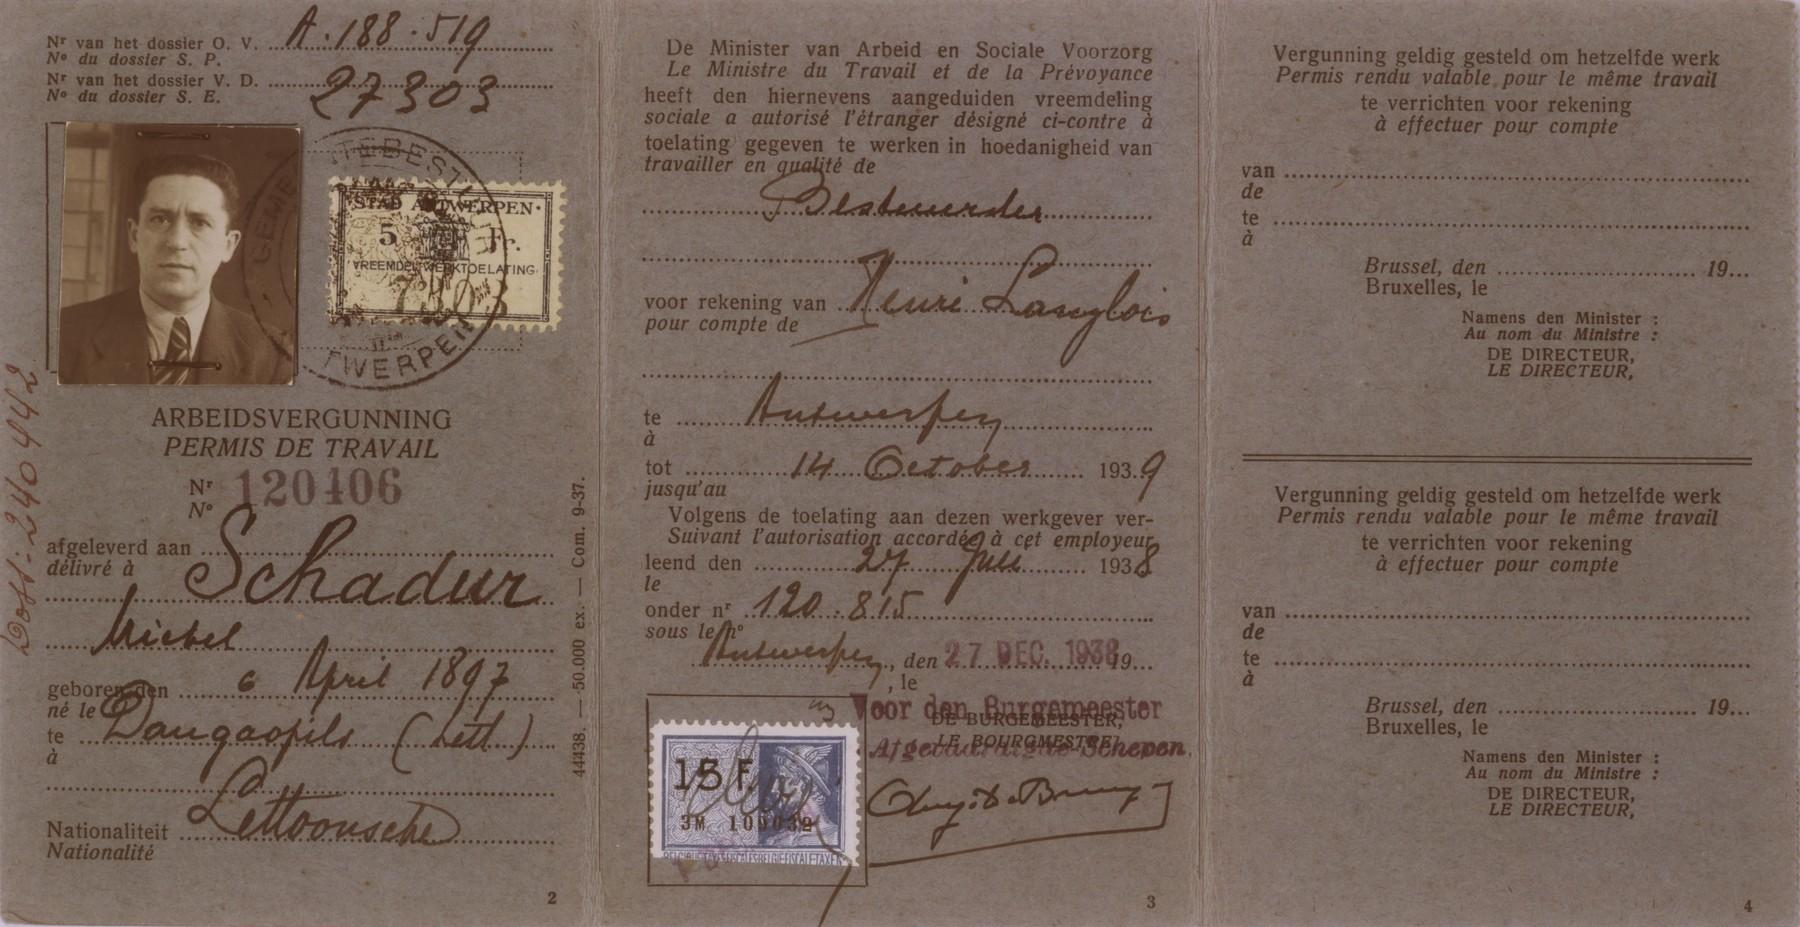 Work permit issued to Michel Schadur, a Jewish refugee living in Antwerp.